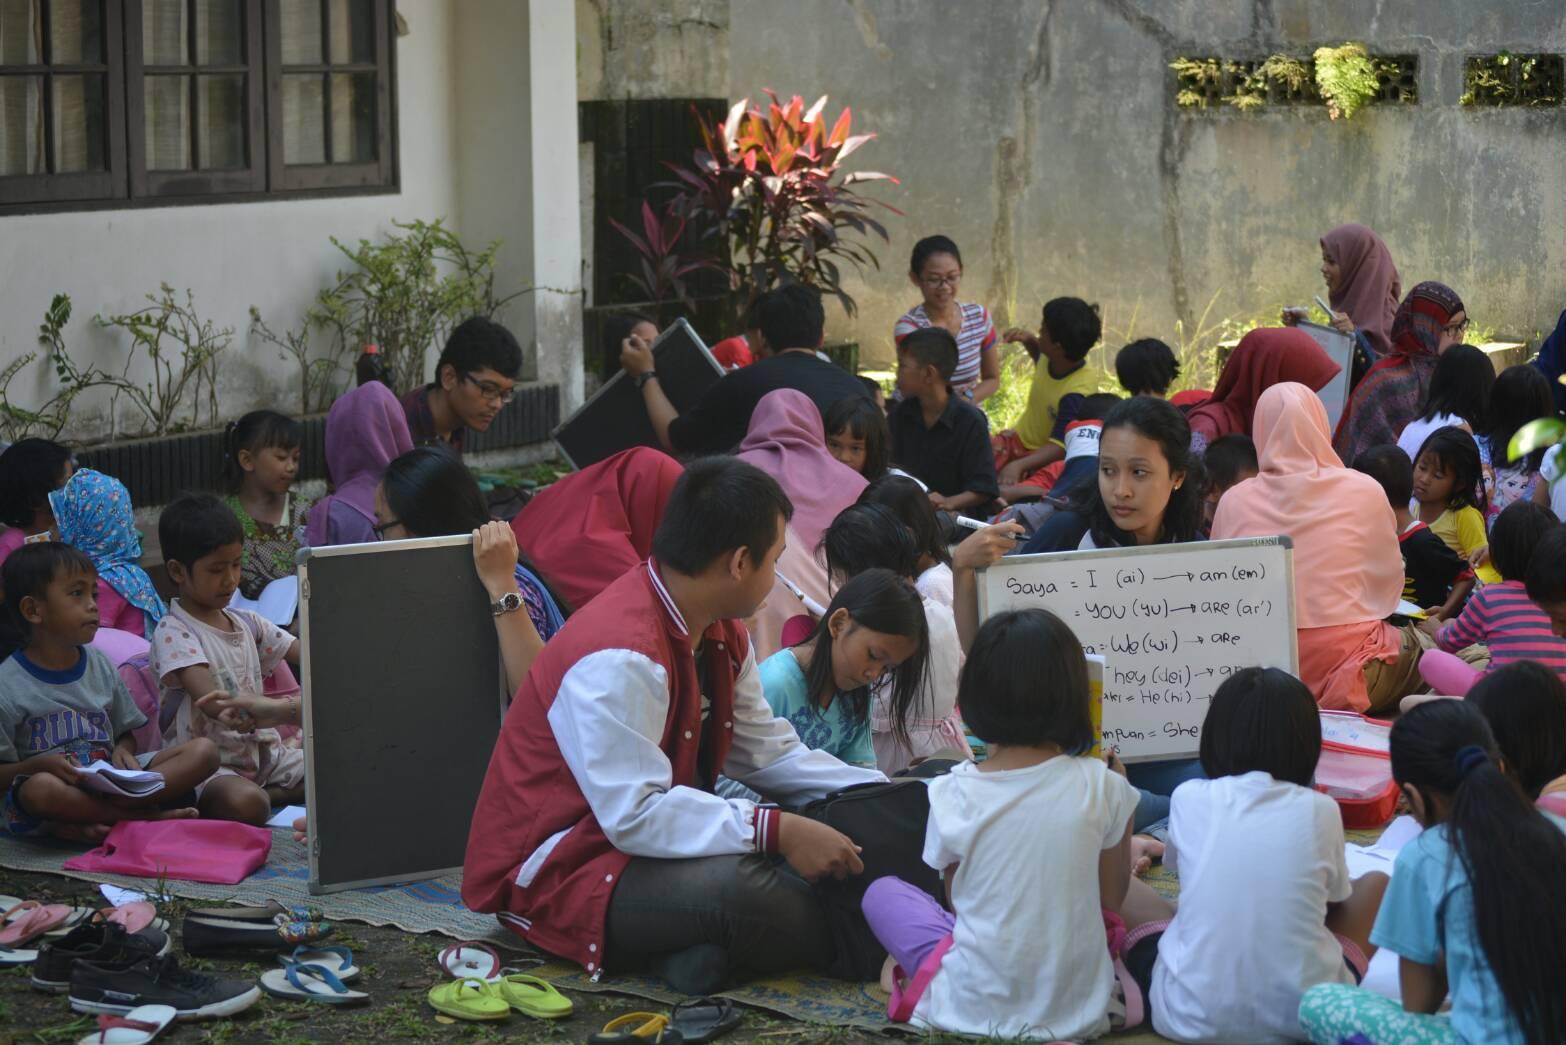 Suasana belajar Bahasa Inggris bersama komunitas Terminal Hujan di Kelurahan Baranangsiang, Bogor, Jawa Barat (Foto oleh : Andika SB)